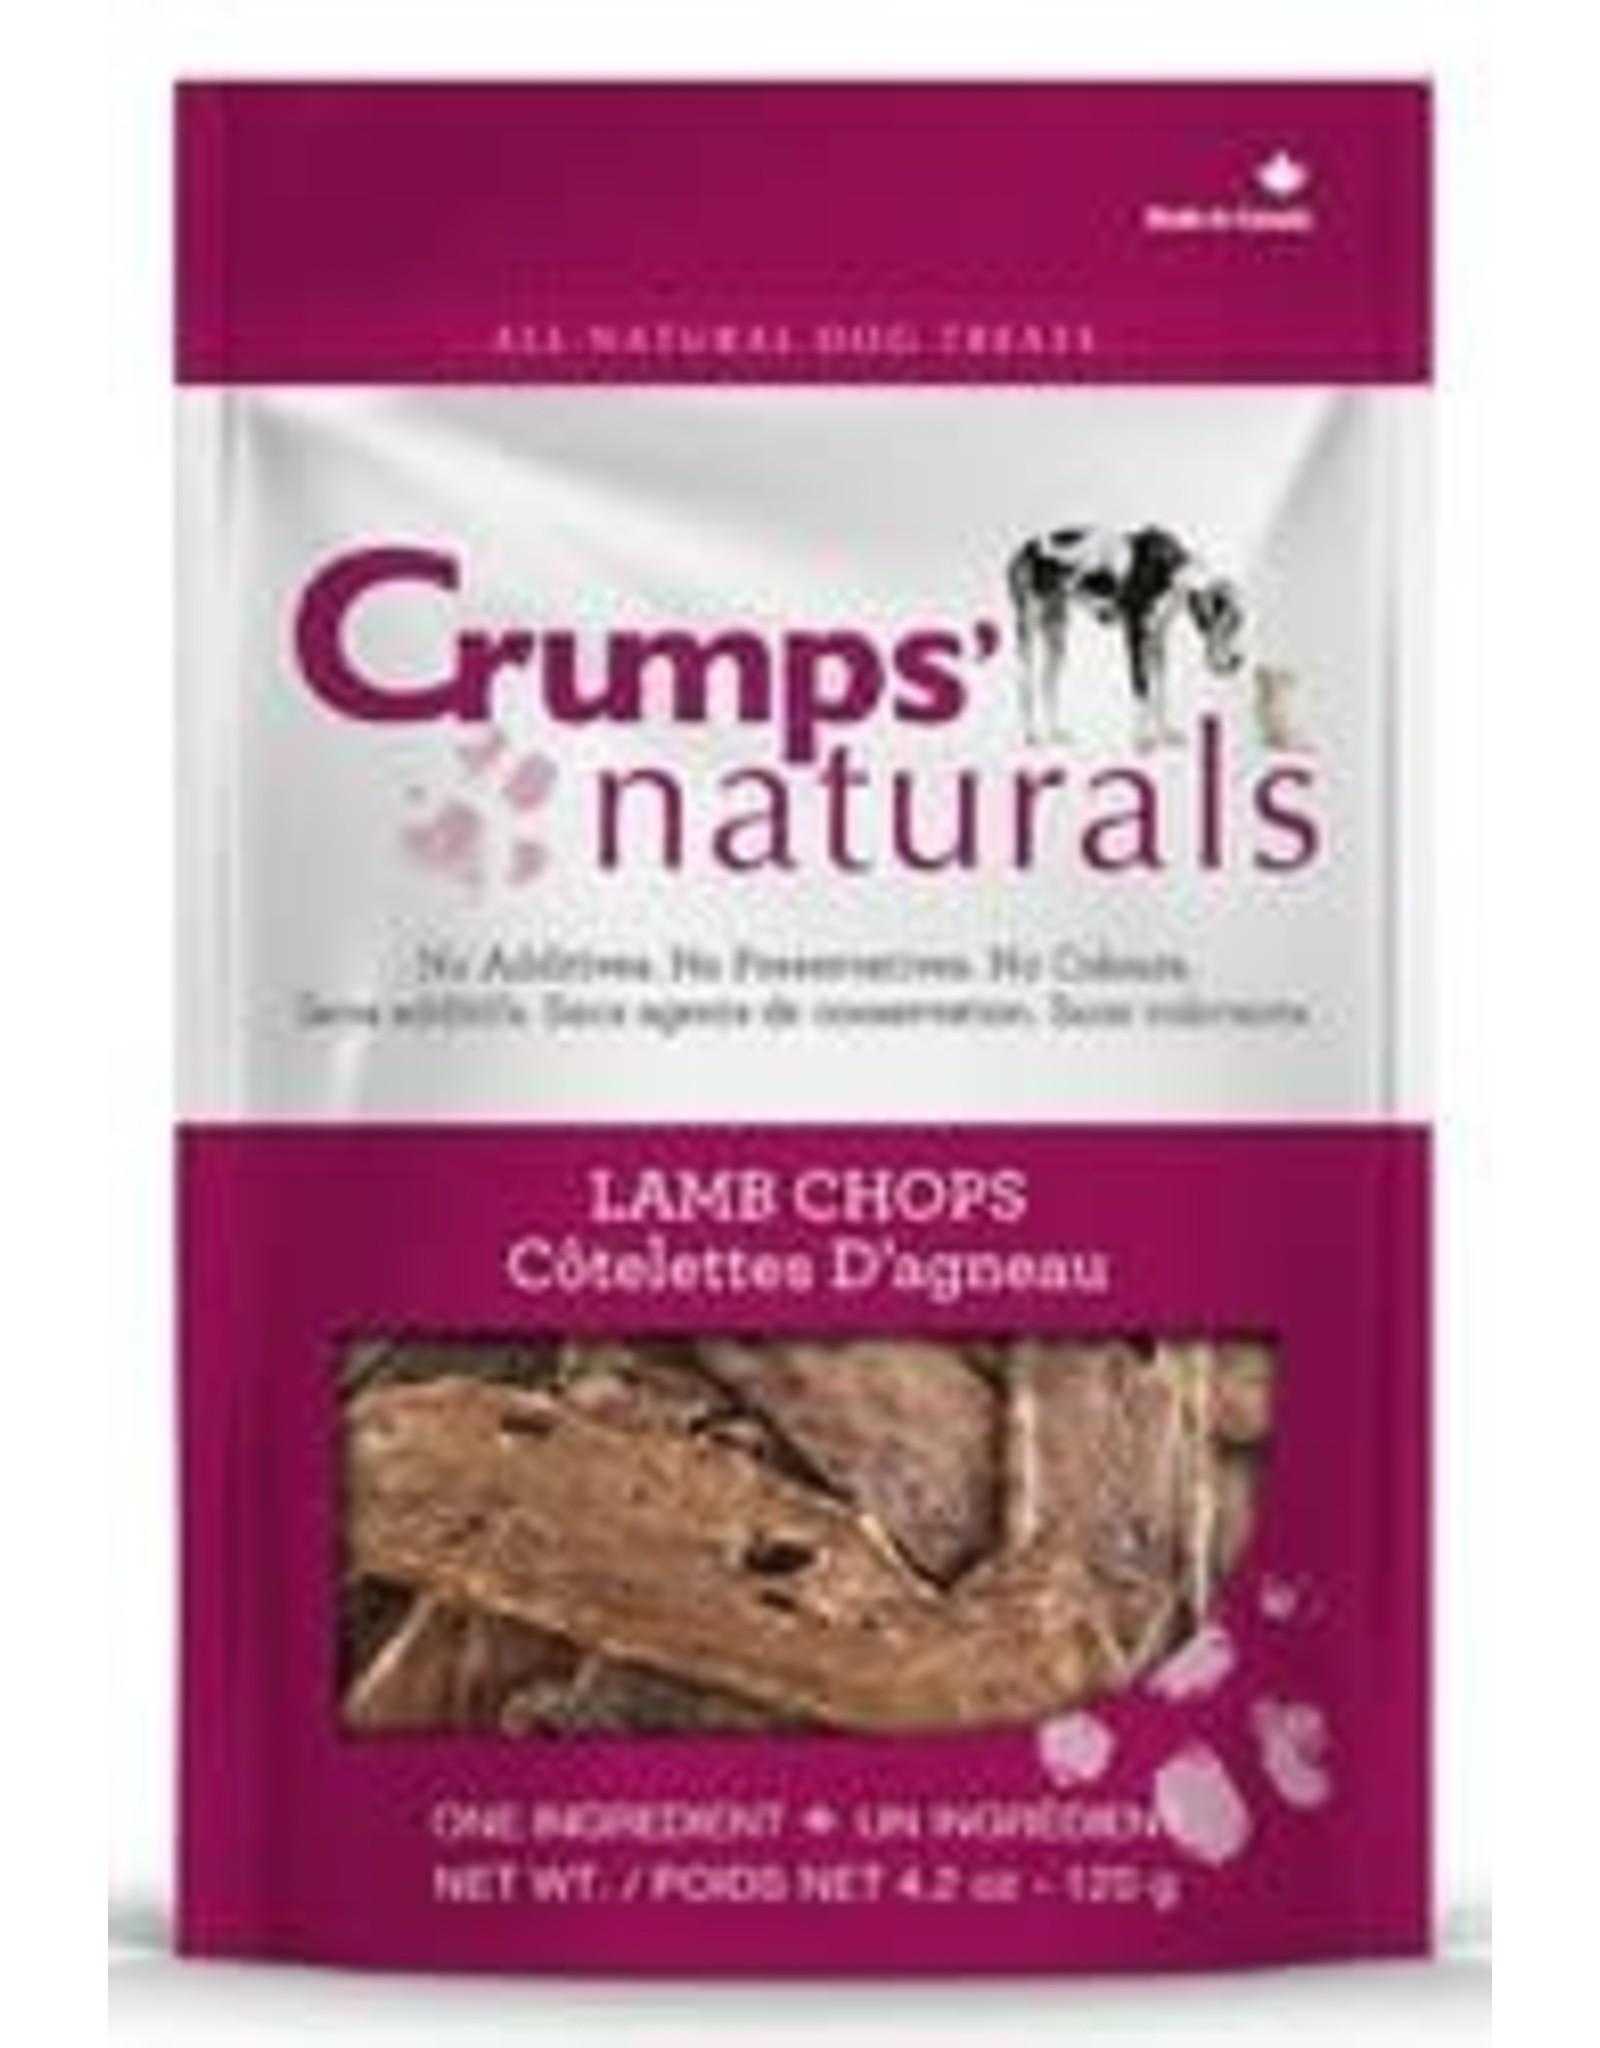 Crumps Crumps' naturals Lamb Chops 120g